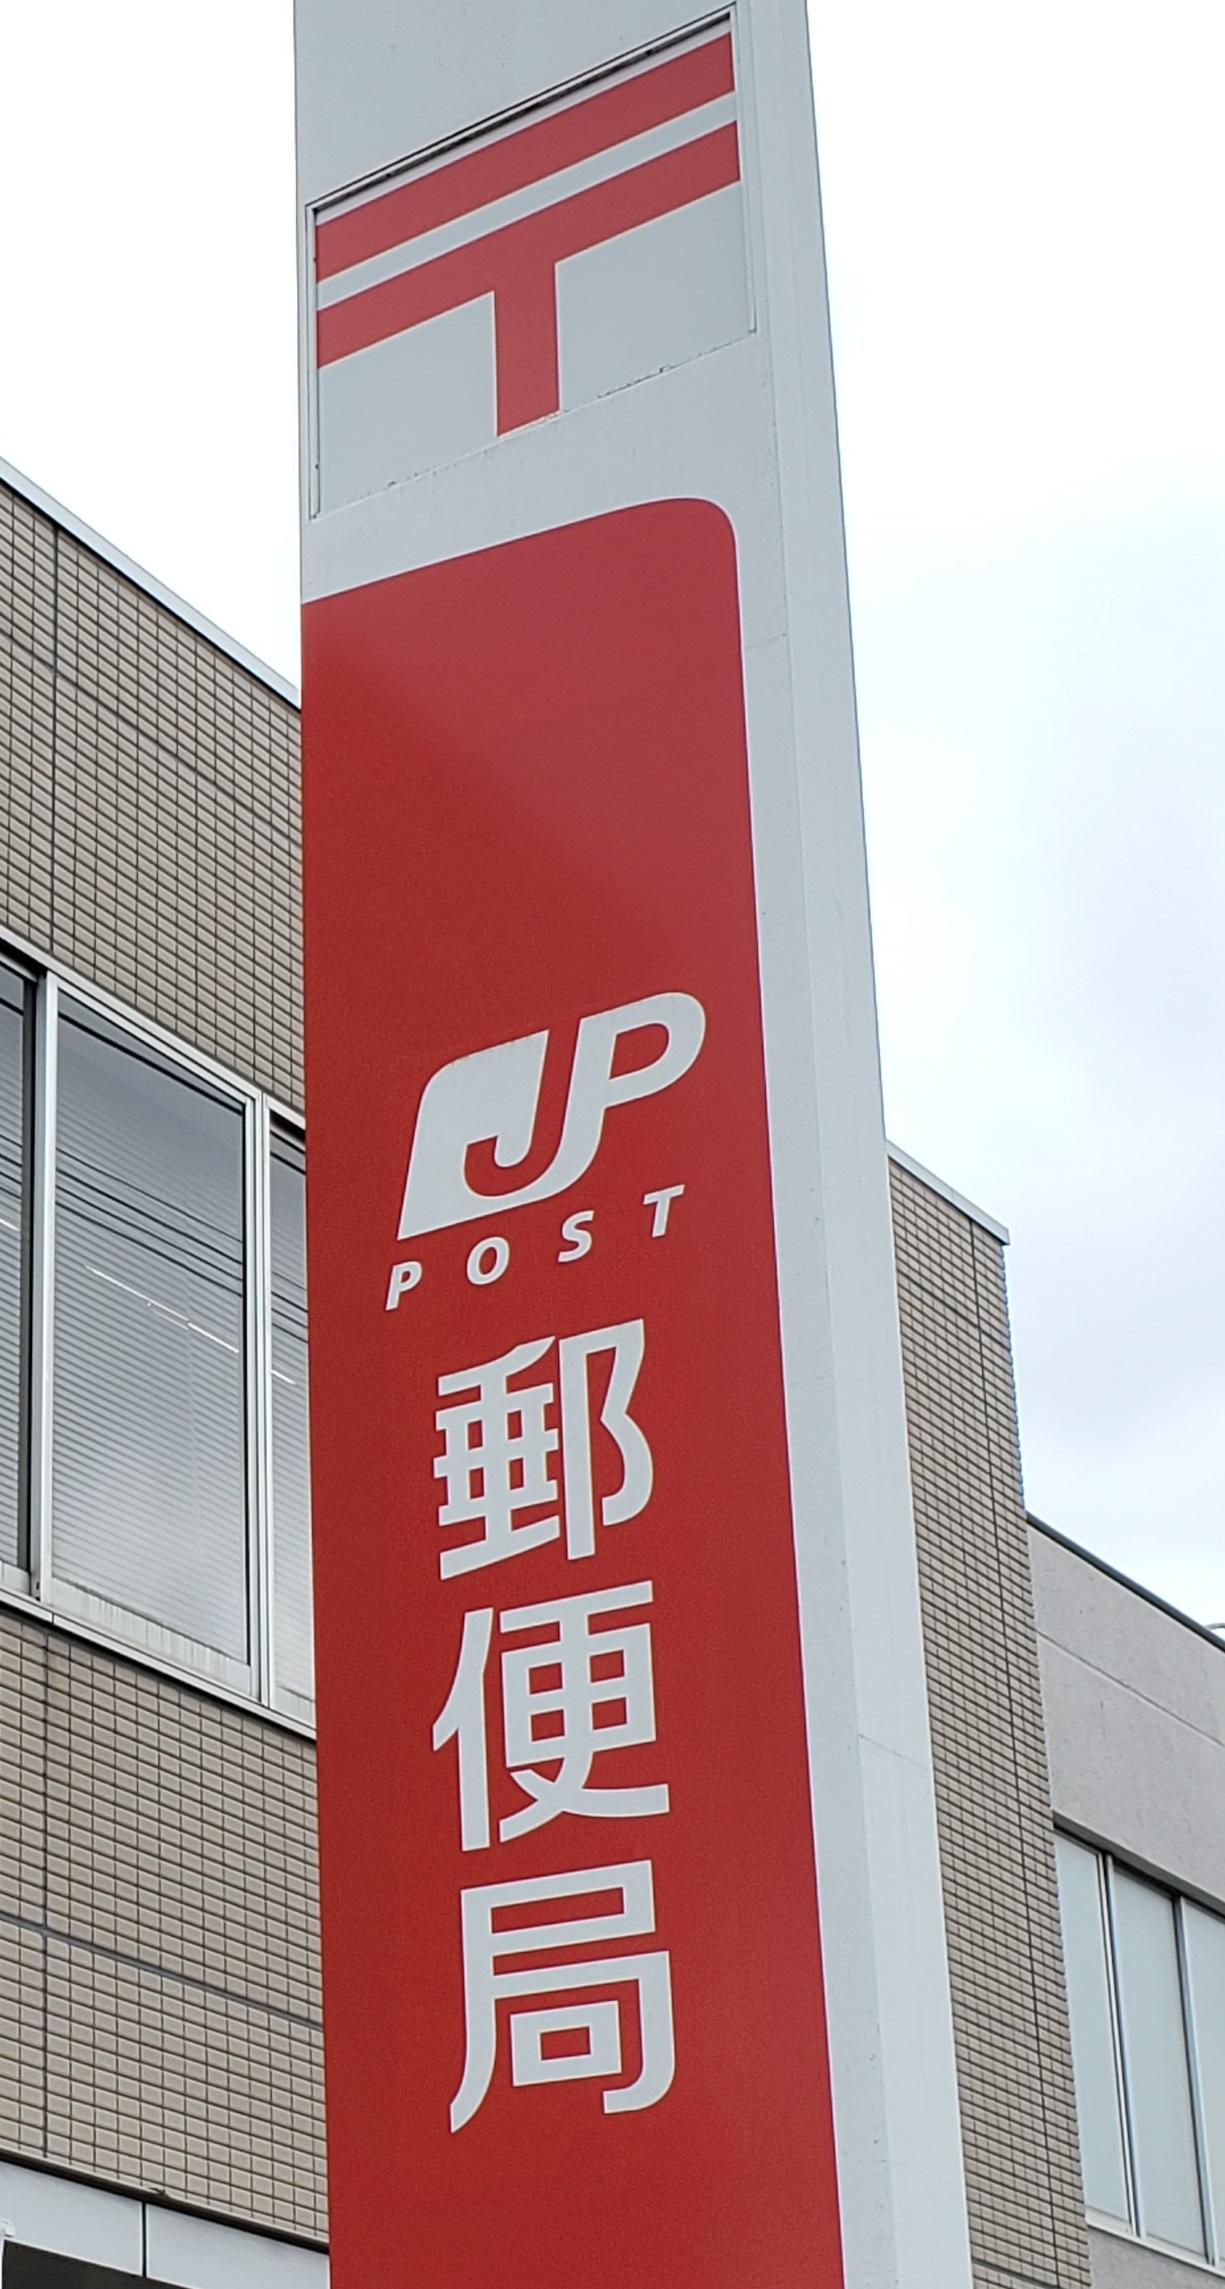 郵便局:筑紫野筑紫ケ丘郵便局 897m